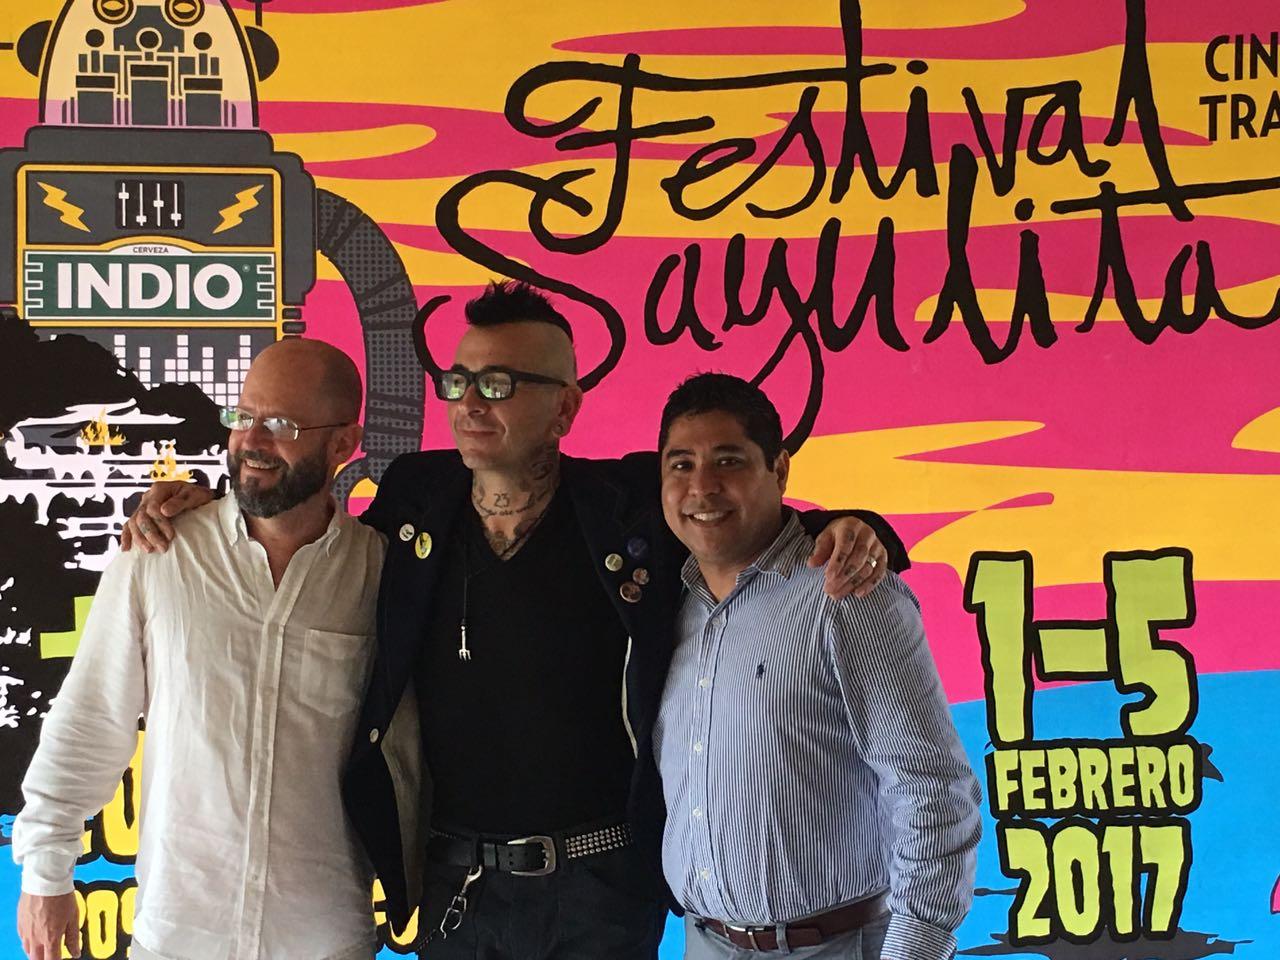 La 4ª edición del Festival Sayulita, Cine, Música, Trago & Vida, a realizarse del 1 al 5 de febrero